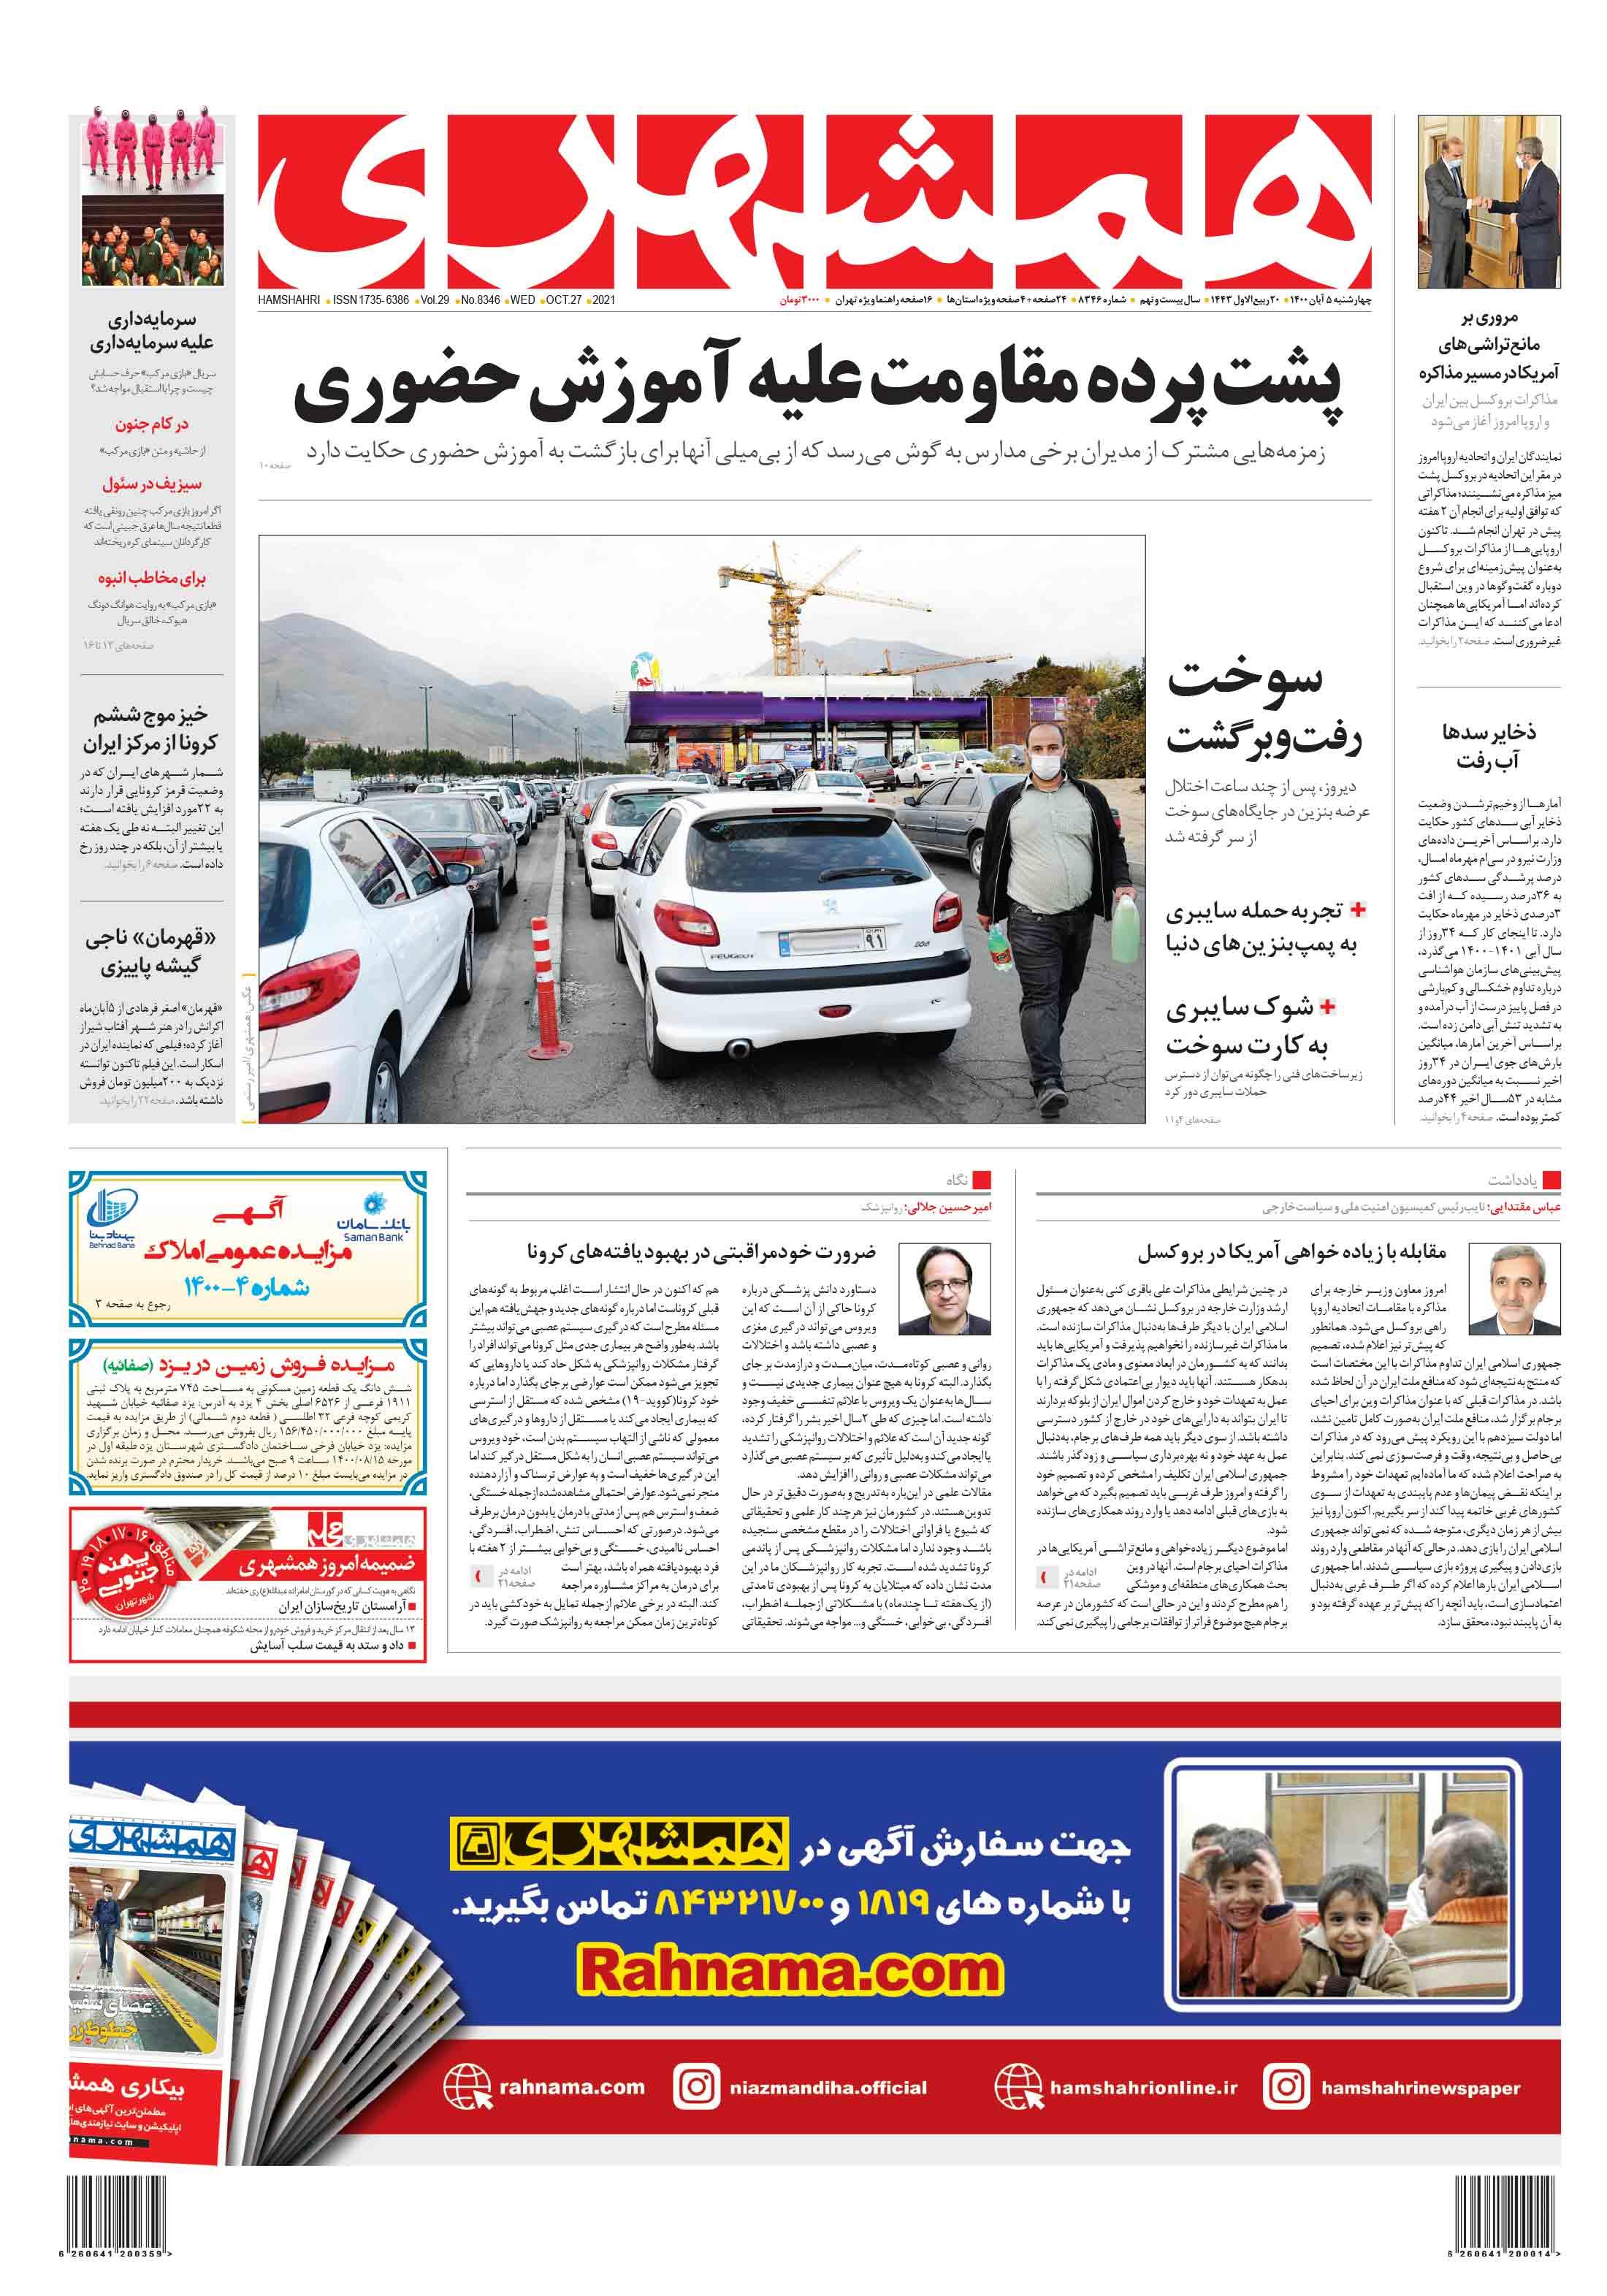 صفحه اول چهارشنبه 5 آبان 1400